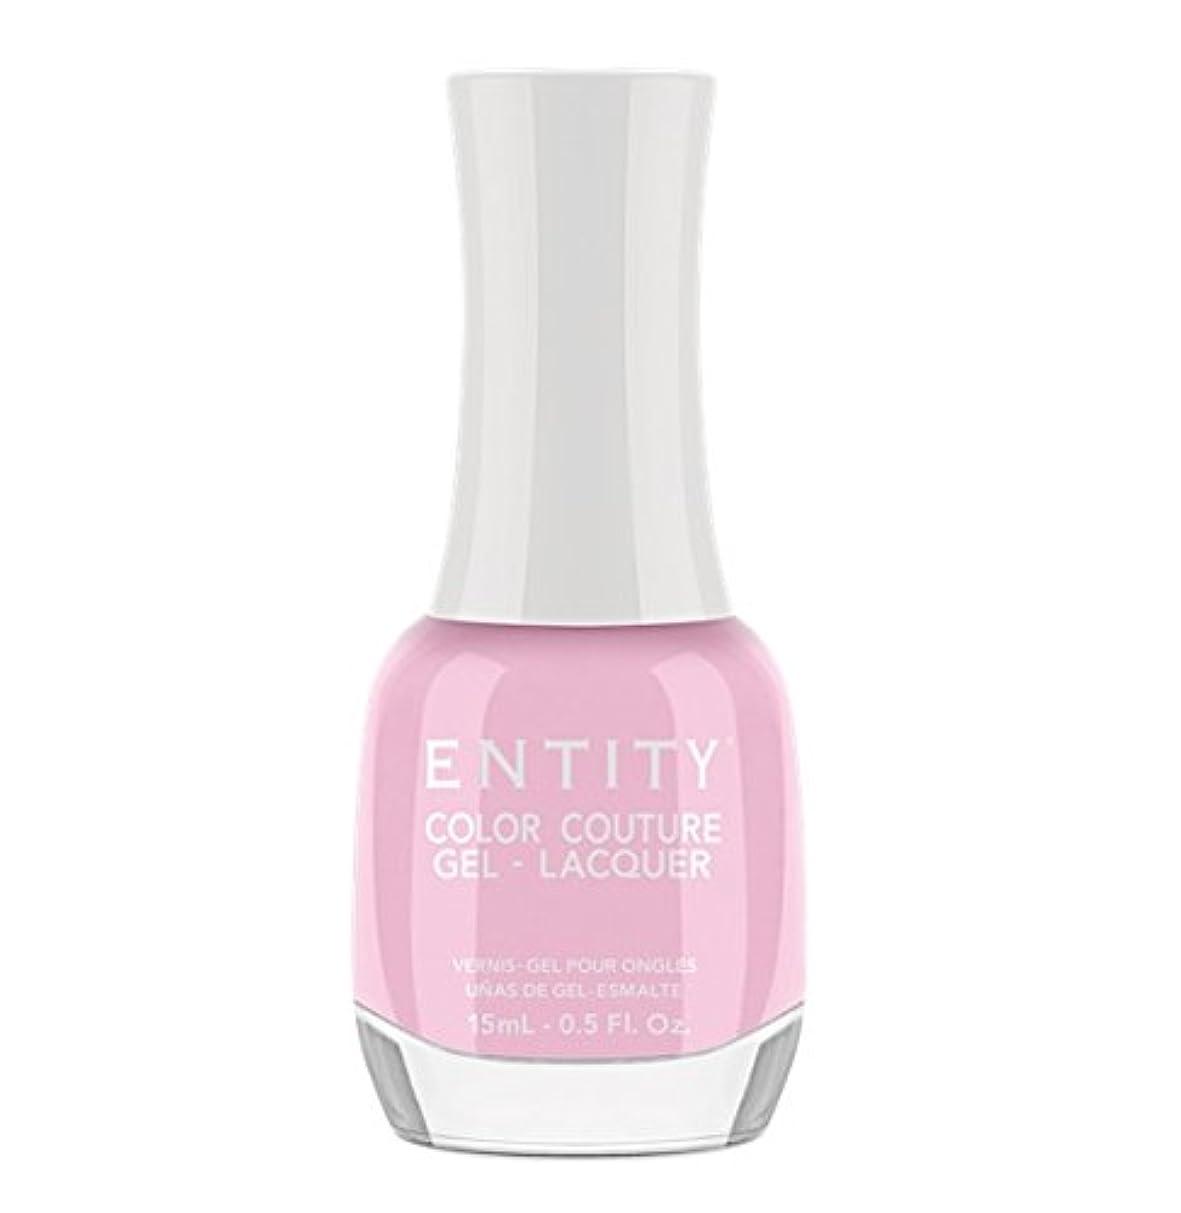 消す息切れひねりEntity Color Couture Gel-Lacquer - Pure Chic - 15 ml/0.5 oz